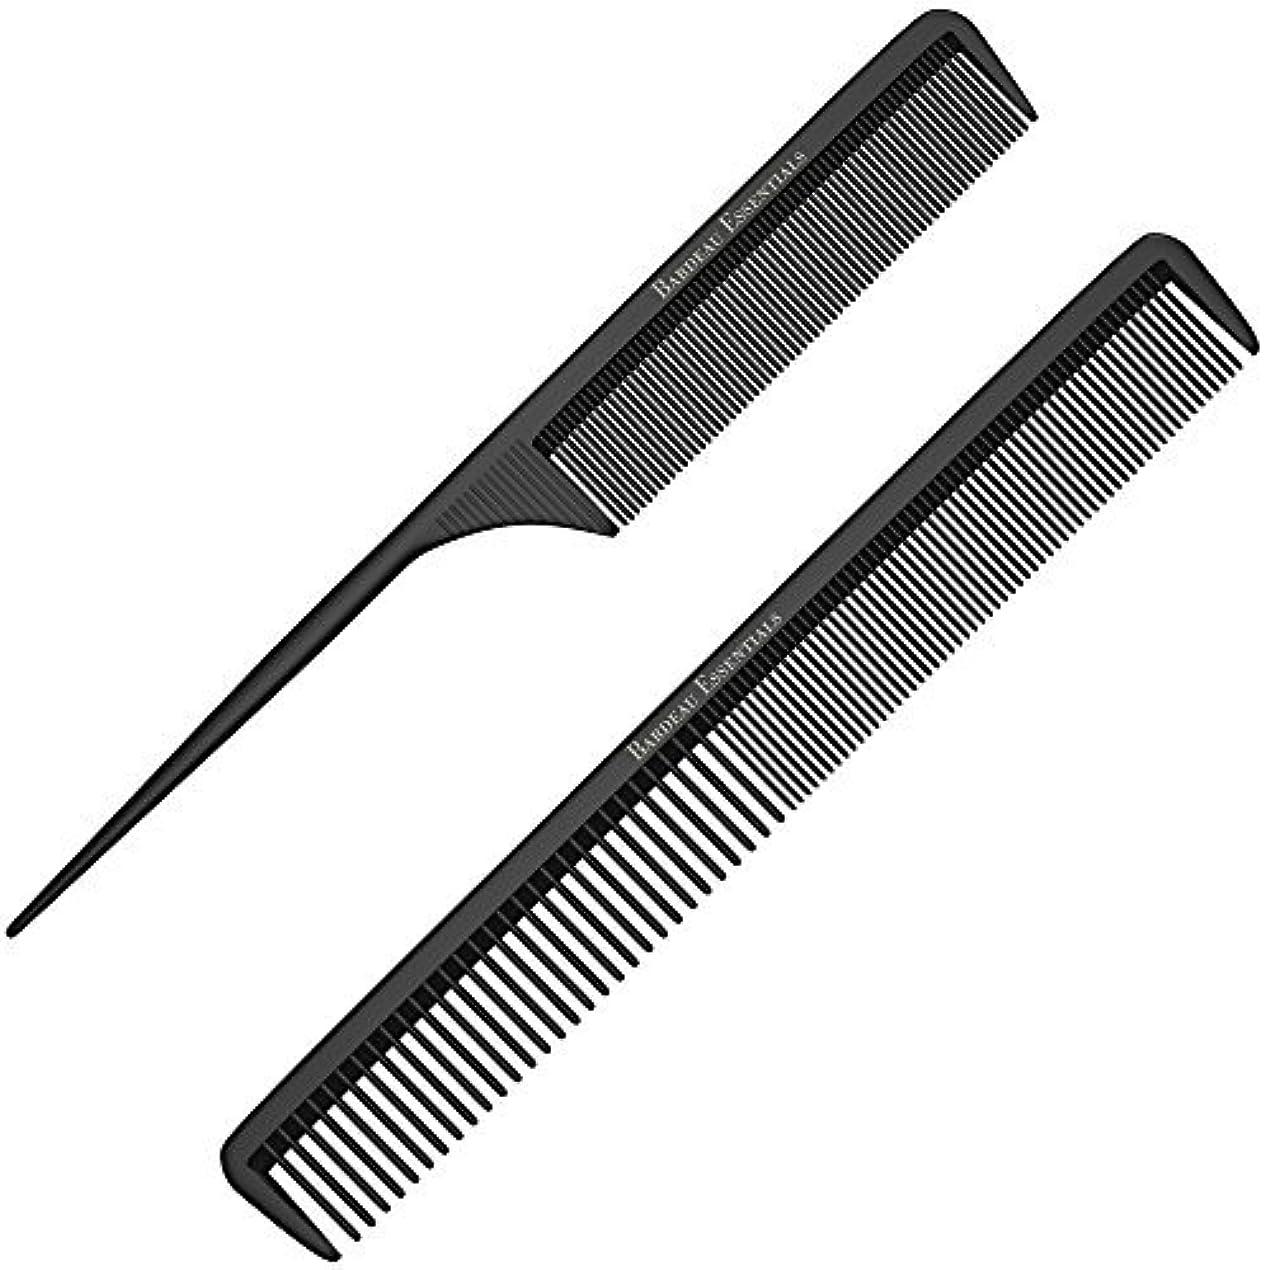 ナース軽蔑する欺Styling Comb and Tail Comb Combo Pack | Professional 8.75  Black Carbon Fiber Anti Static Chemical And Heat Resistant...